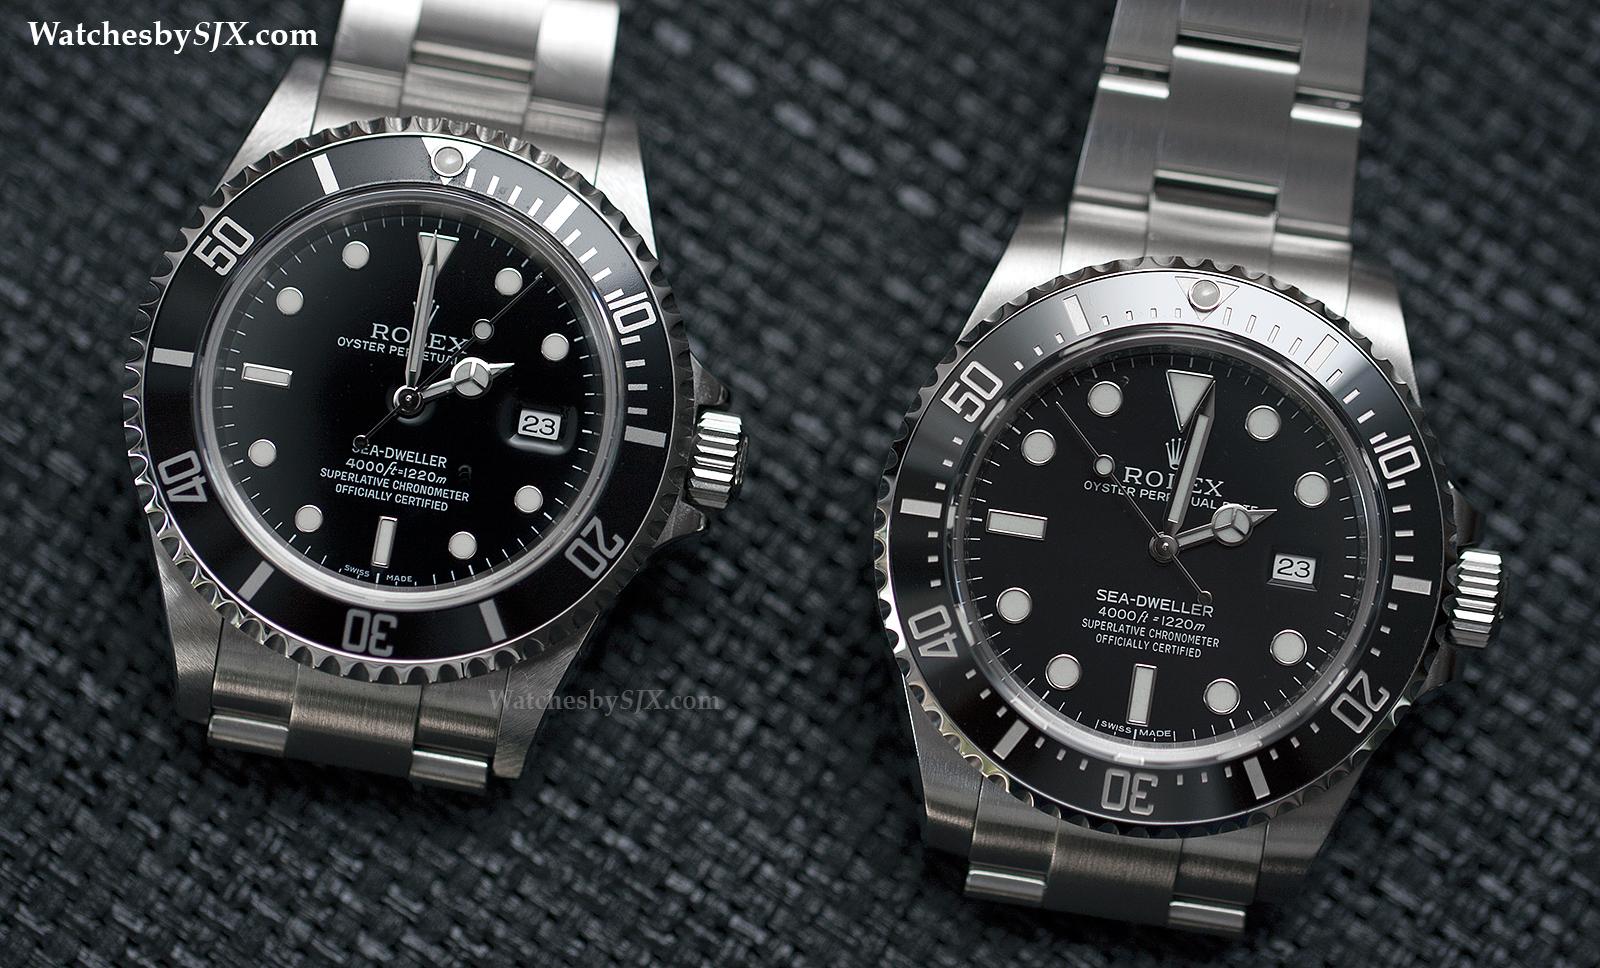 COMPARISON Rolex Sea,Dweller 4000 Refs. 16600 vs. 116600